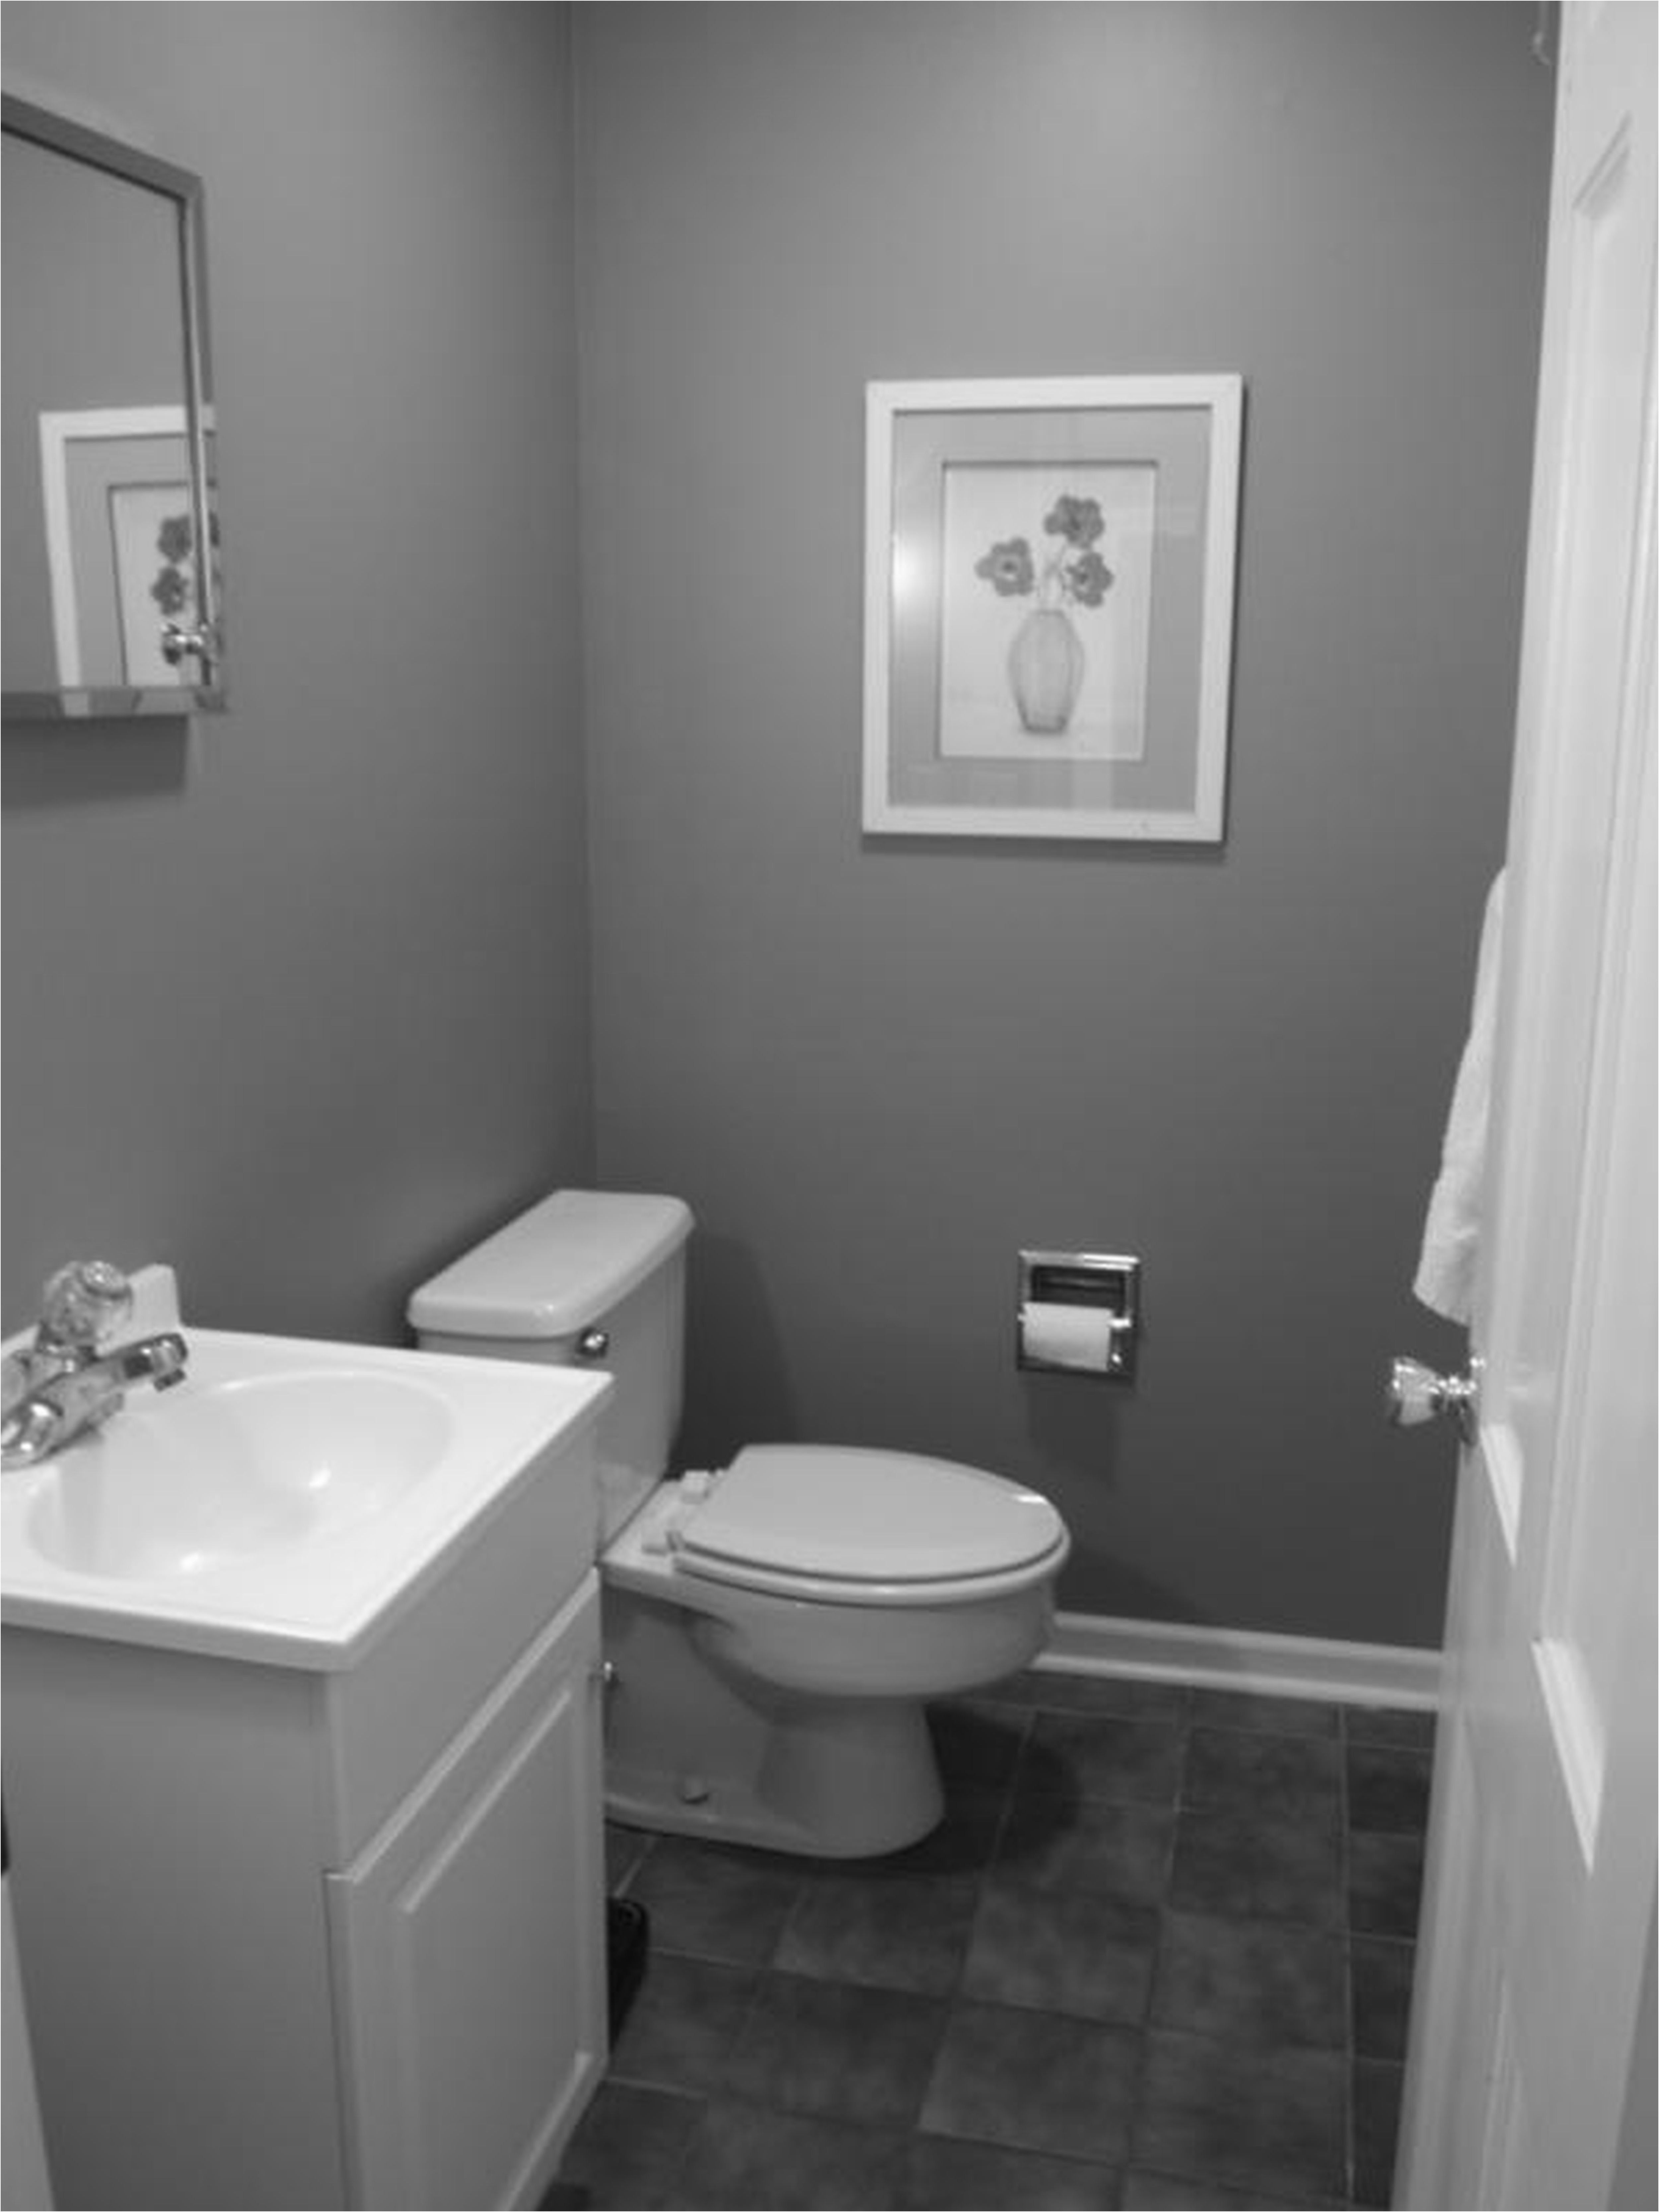 Most Popular Color For Bathroom Walls Good Colors For Bathroom From Best Color  Bathroom